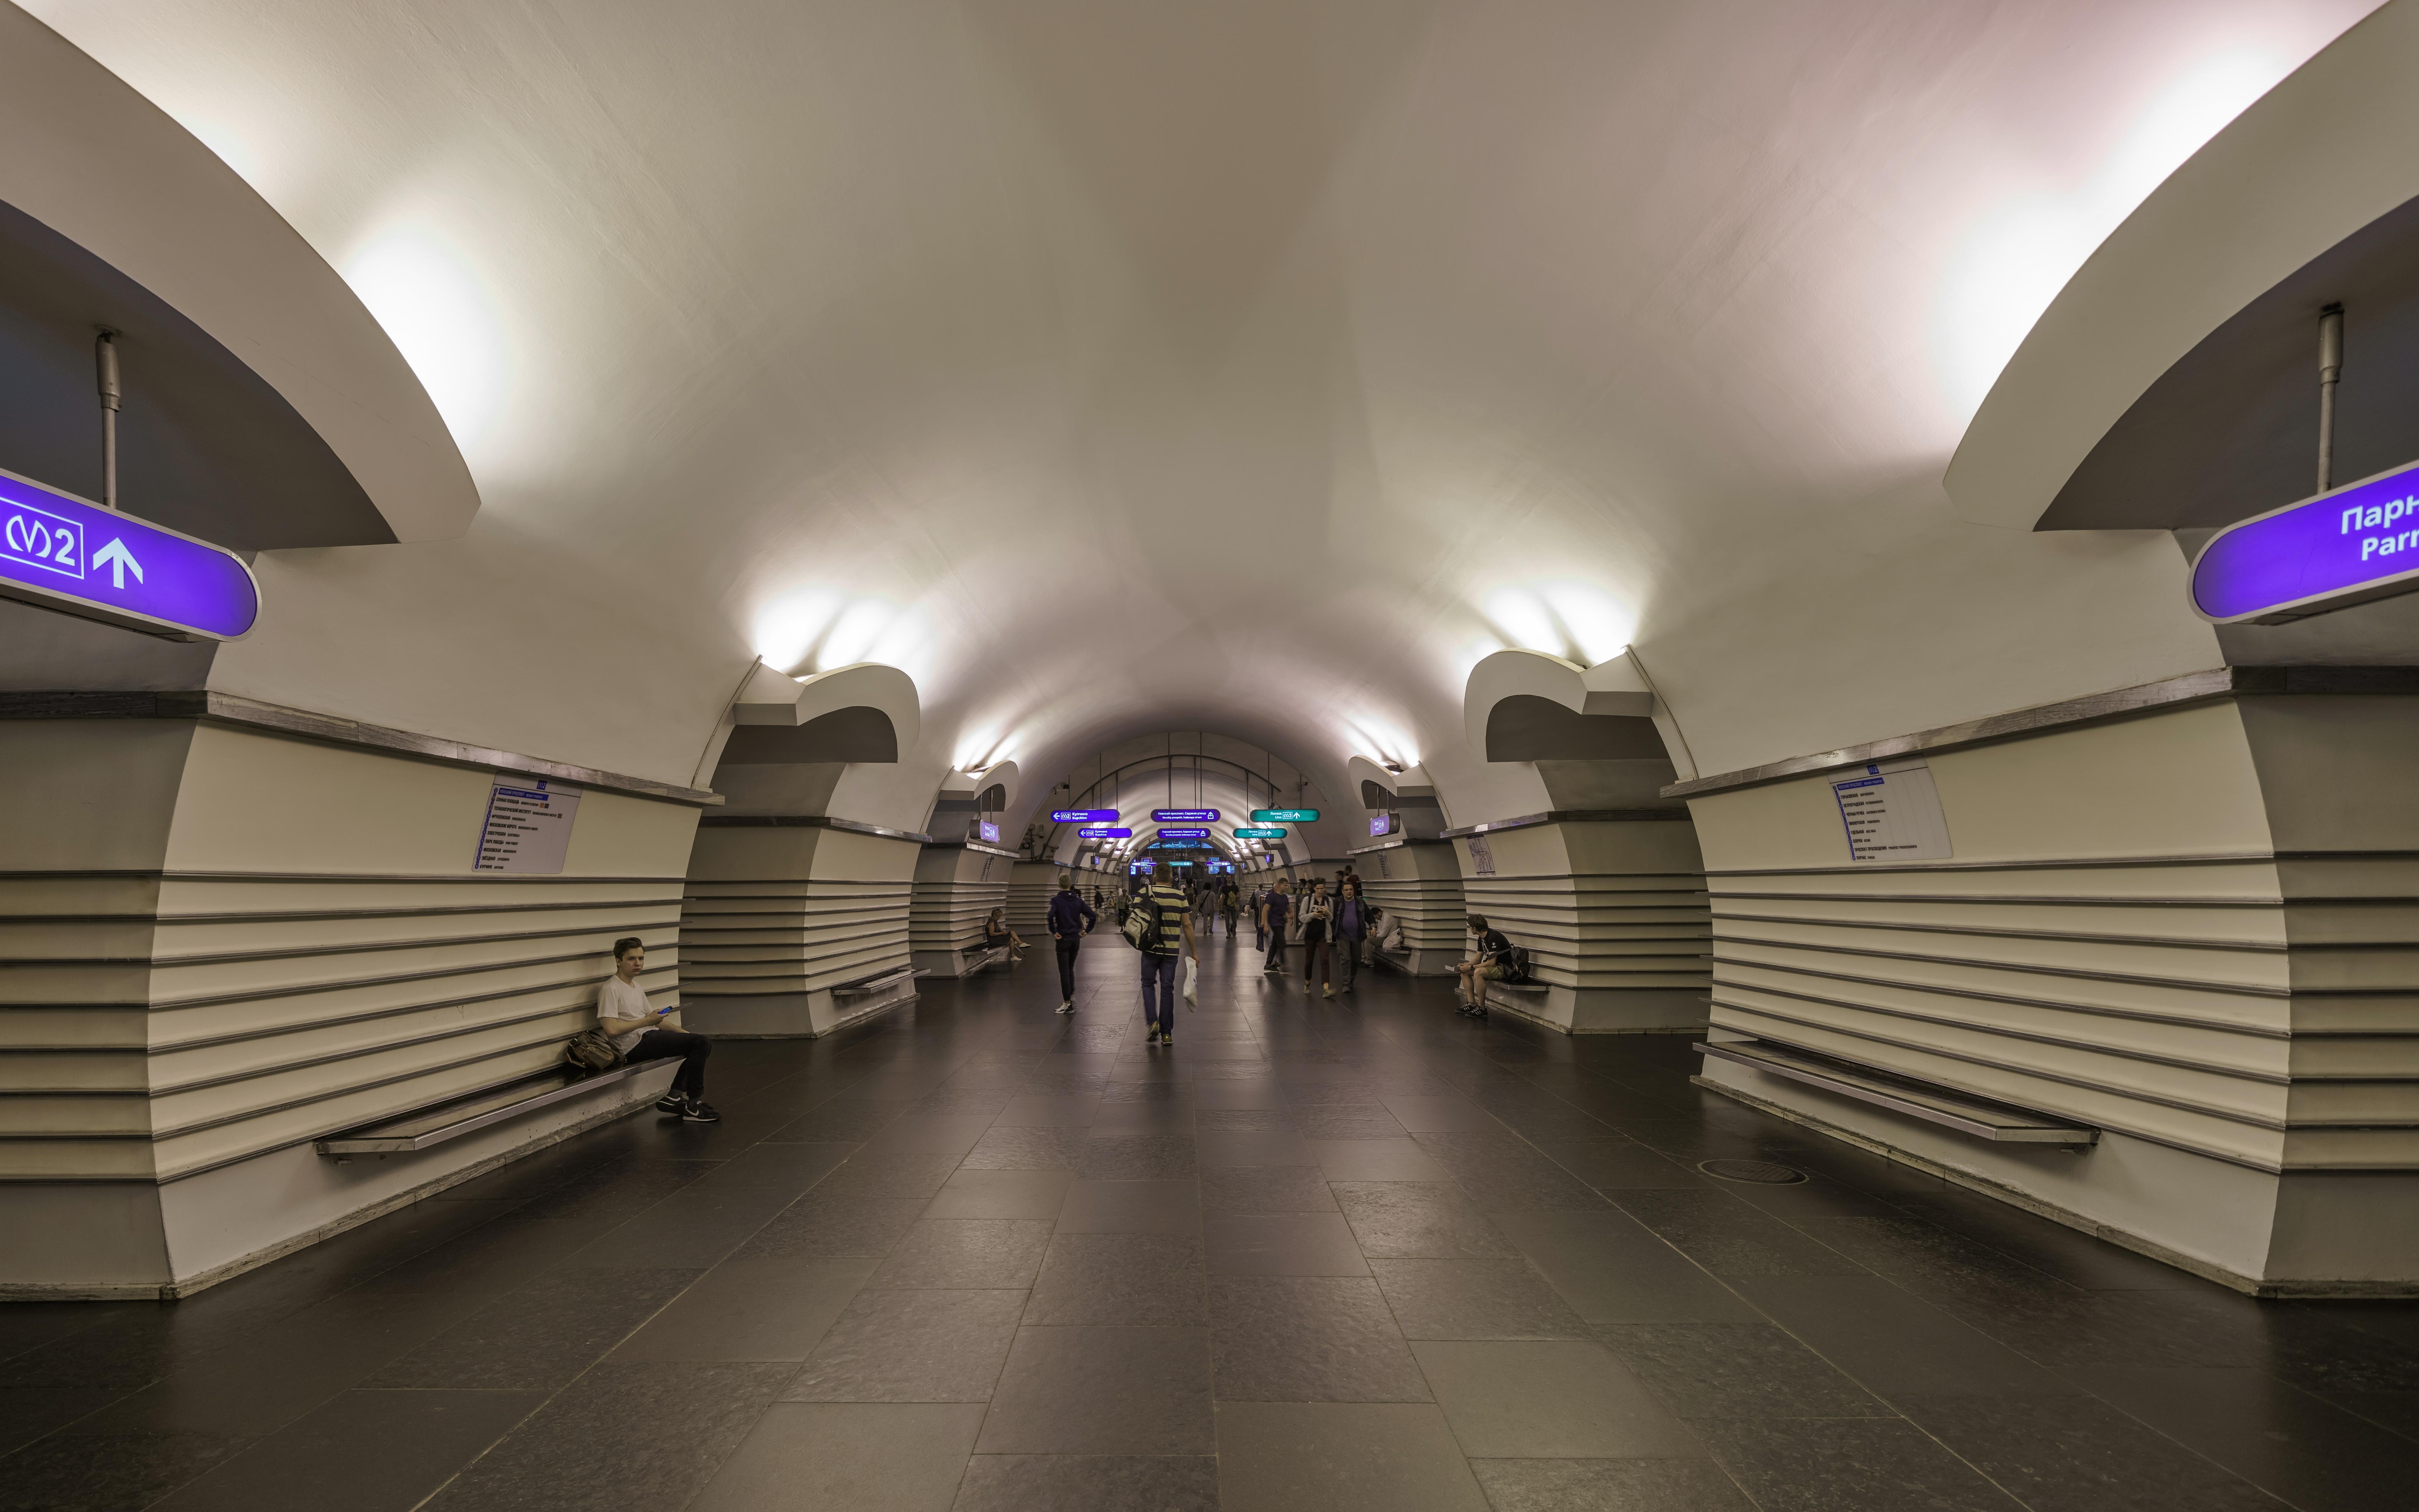 поможет картинки из метро невский проспект том, что никто